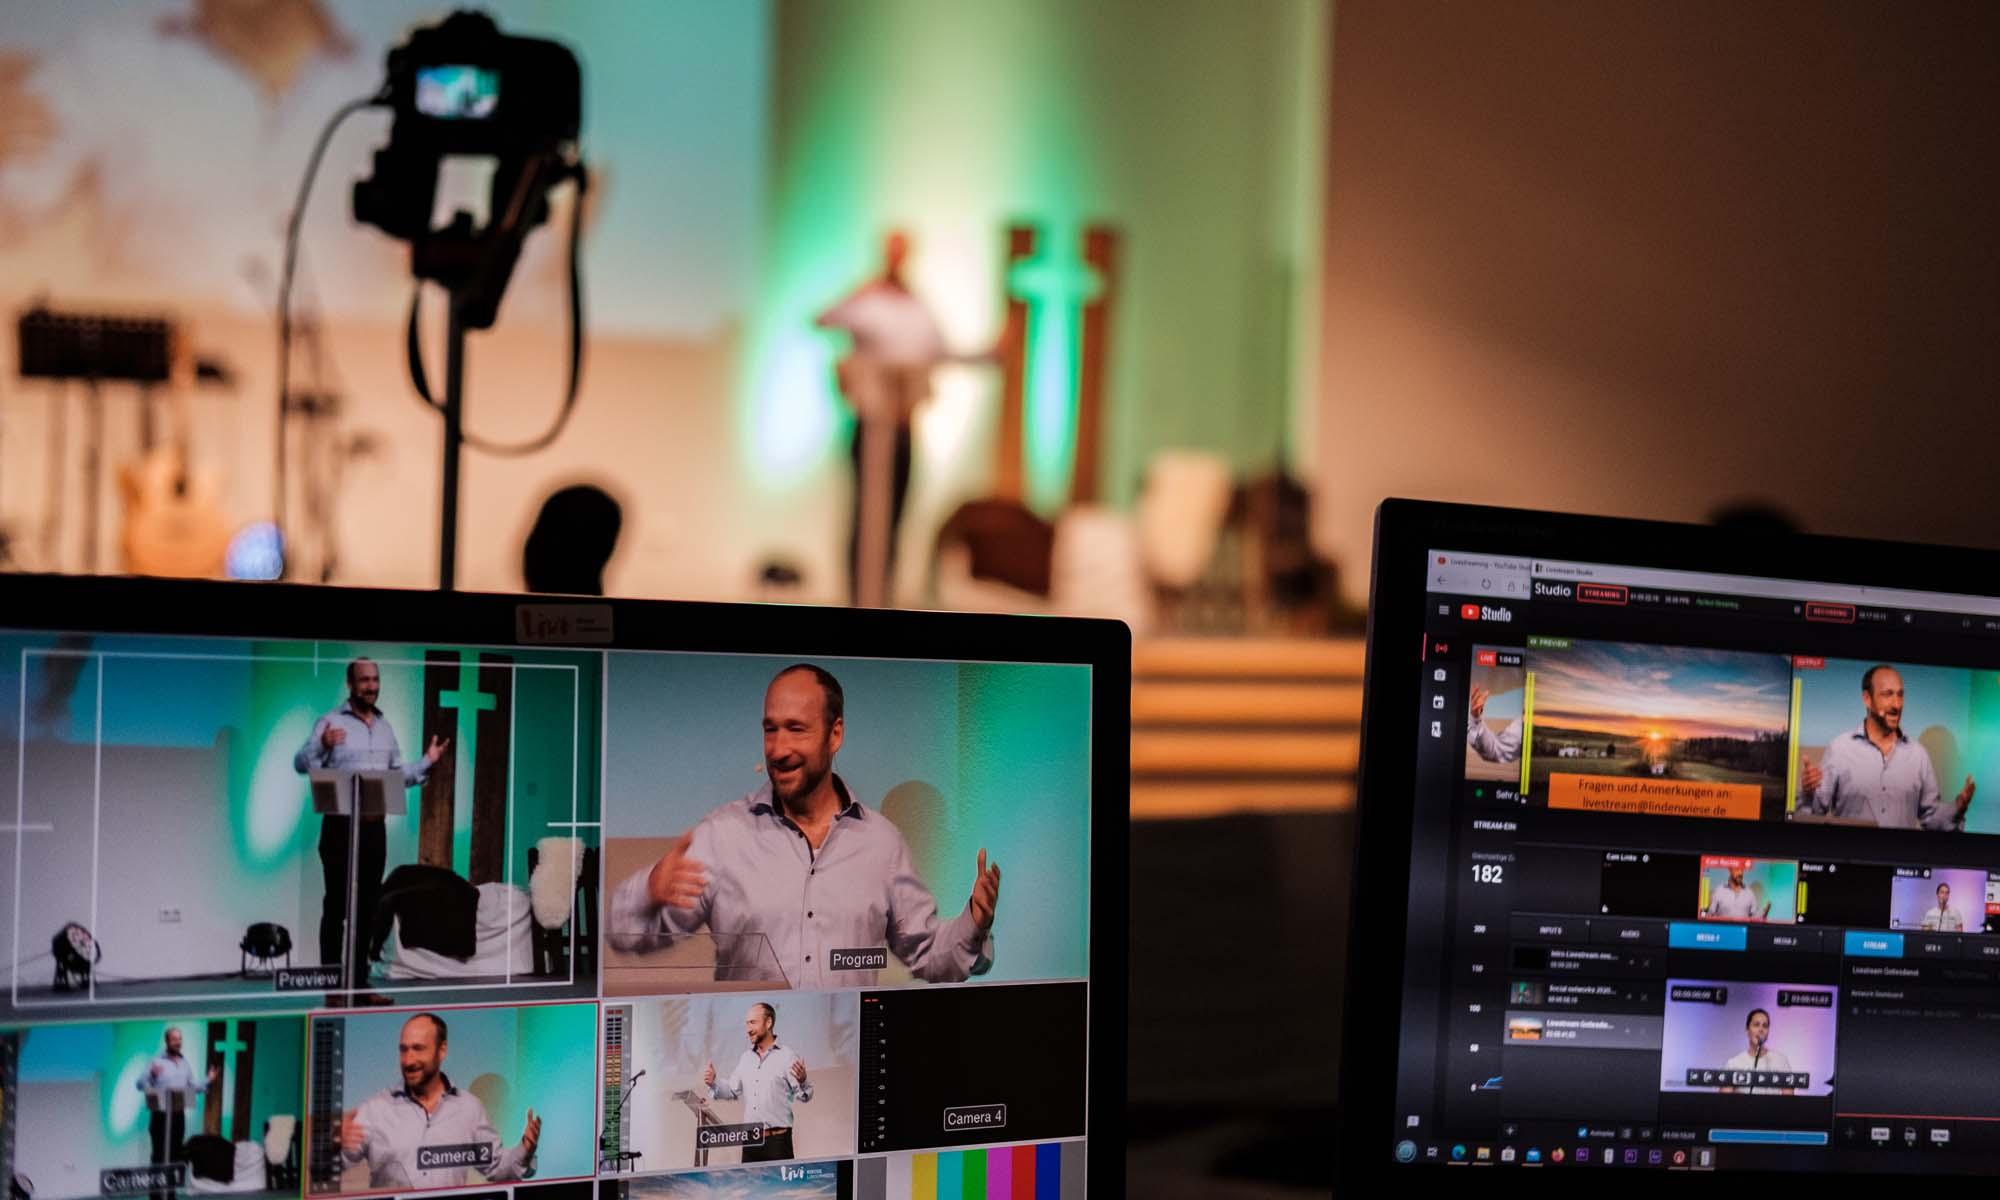 Videotechnik Lindenwiese